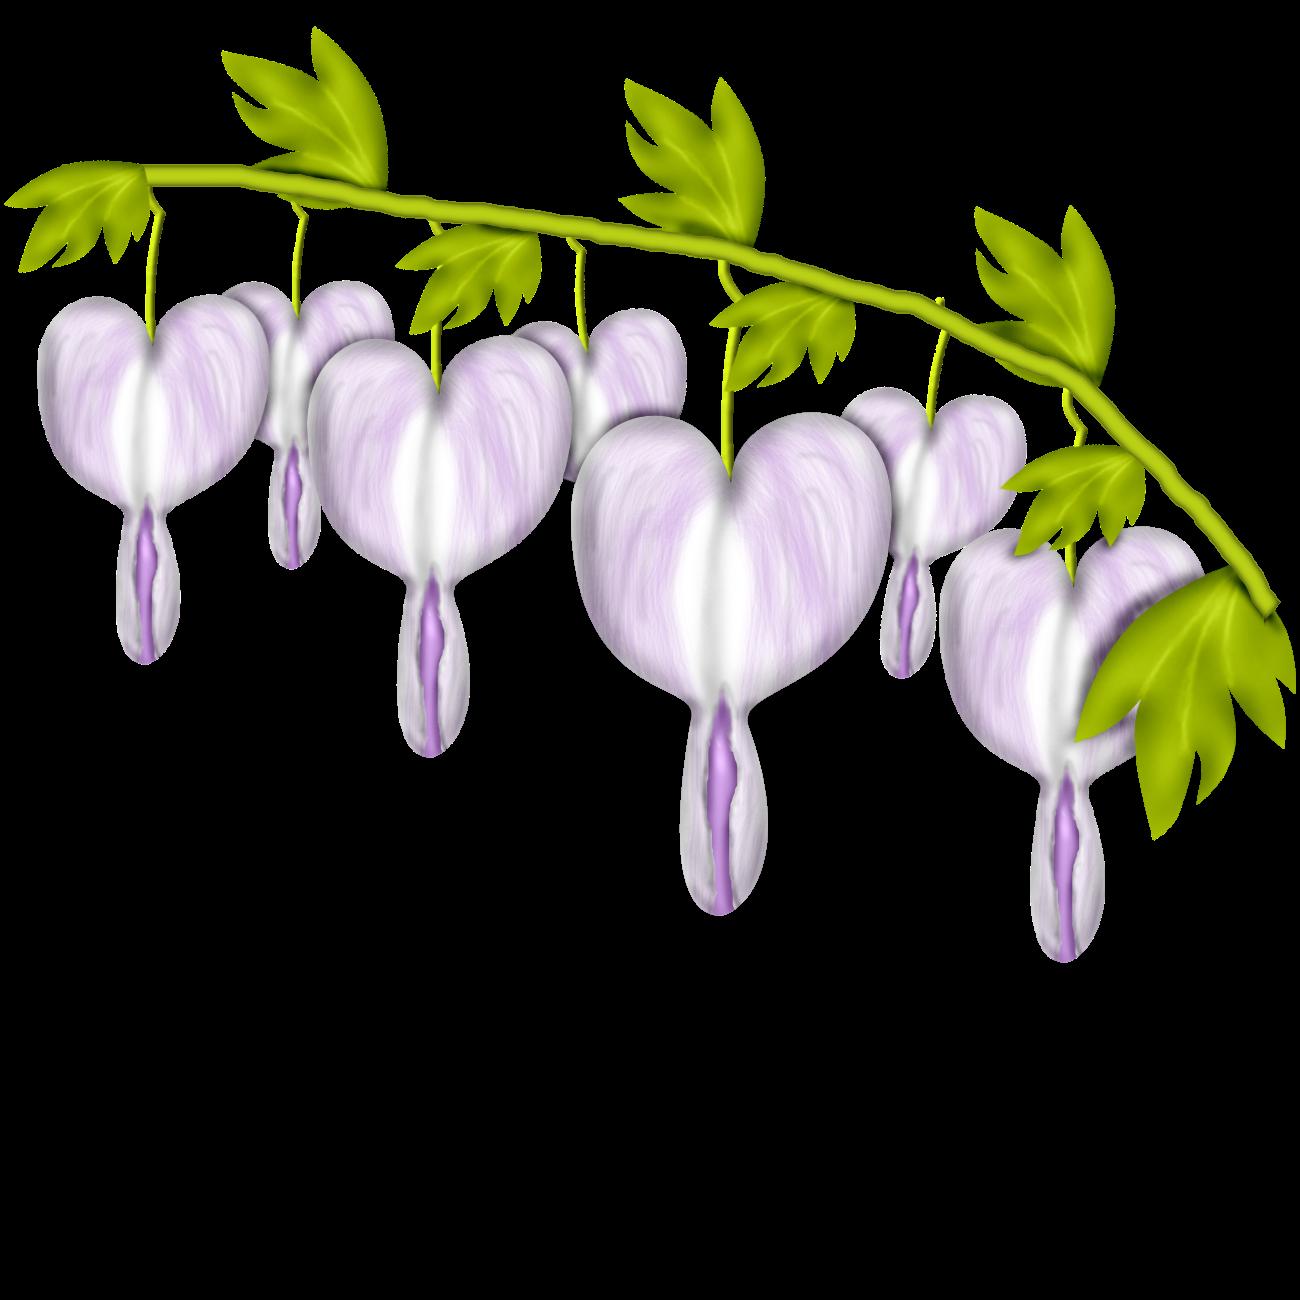 Gerdas scraps category svet. February clipart february flower